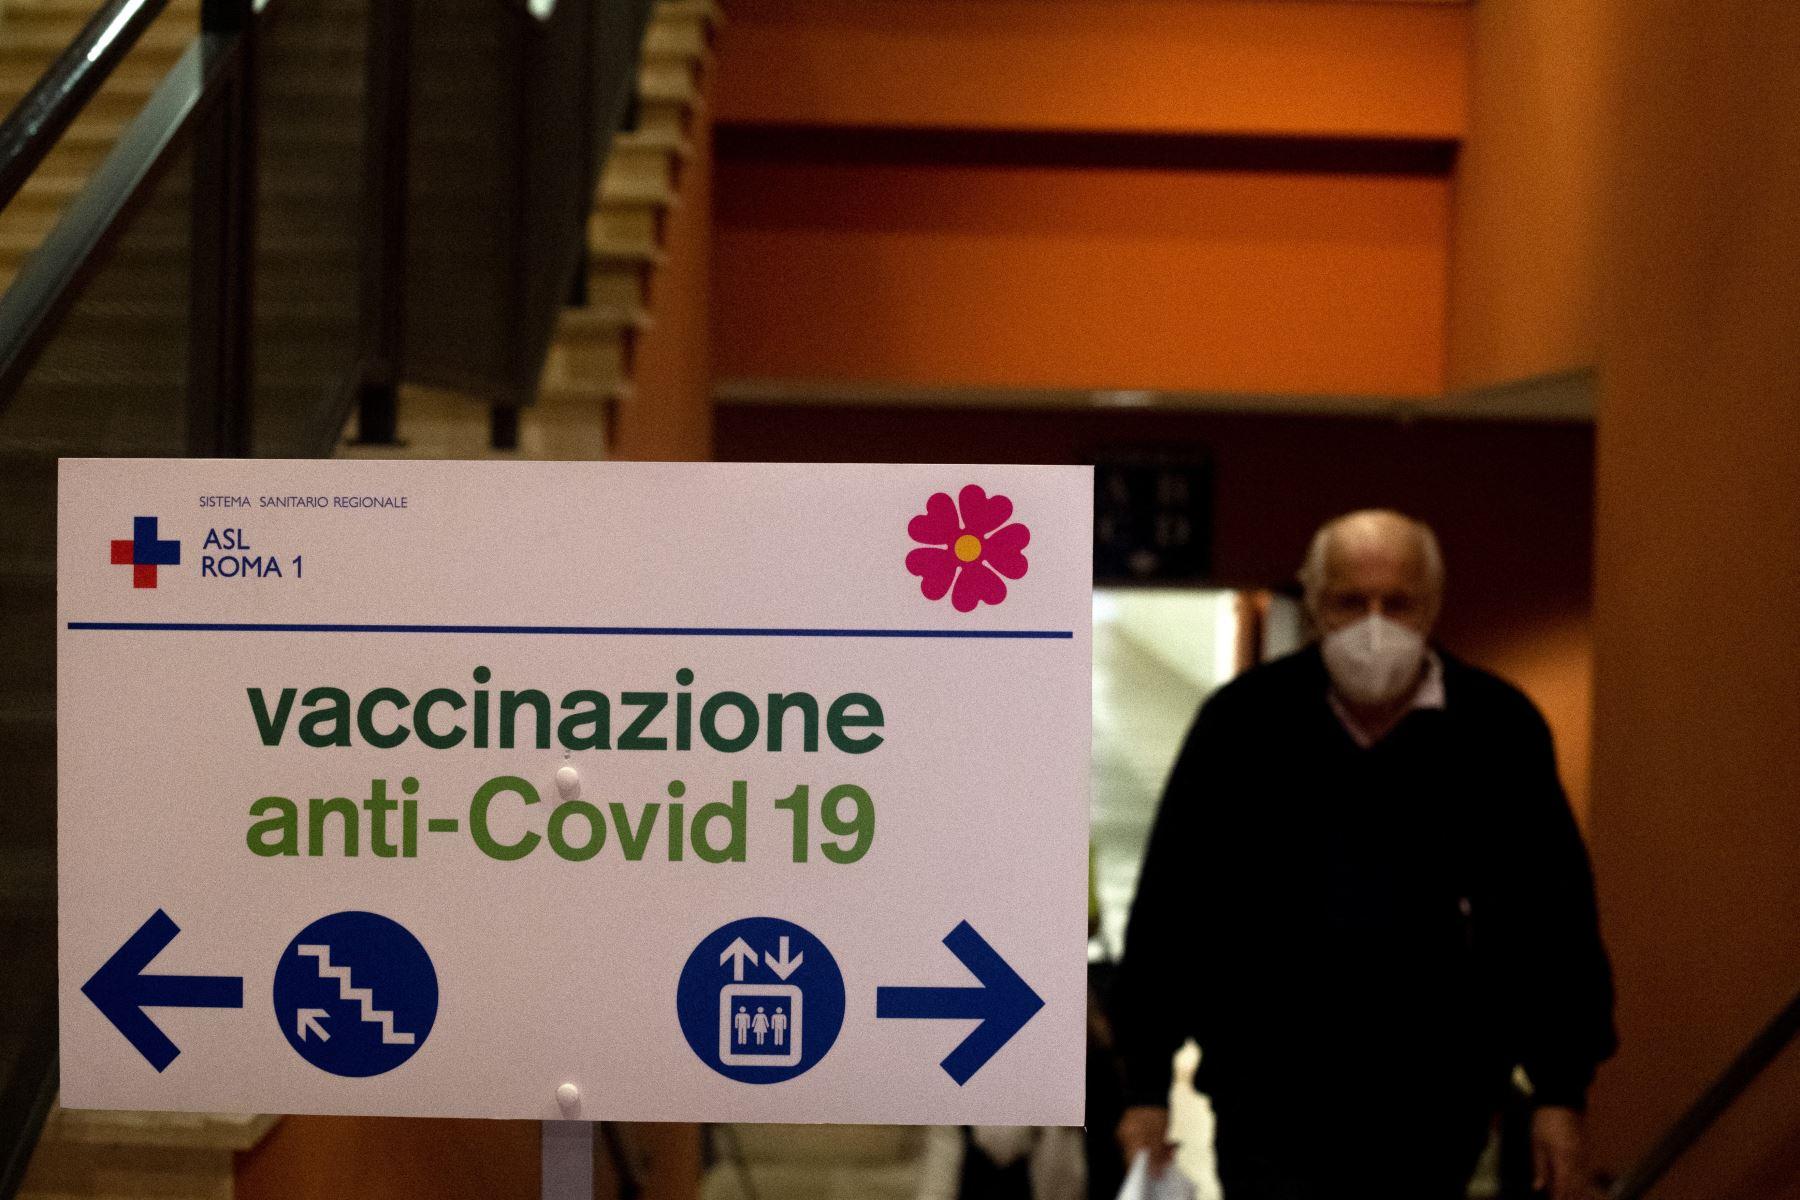 """Un hombre ingresa.  en un centro de vacunación Covid-19 ubicado en el """"Auditorium Parco della Musica"""" en Roma. Desde el comienzo de la epidemia más de 111.331.990 personas contrajeron la enfermedad. De ellas al menos 68.323.000 se recuperaron, según las autoridades. Foto: AFP"""